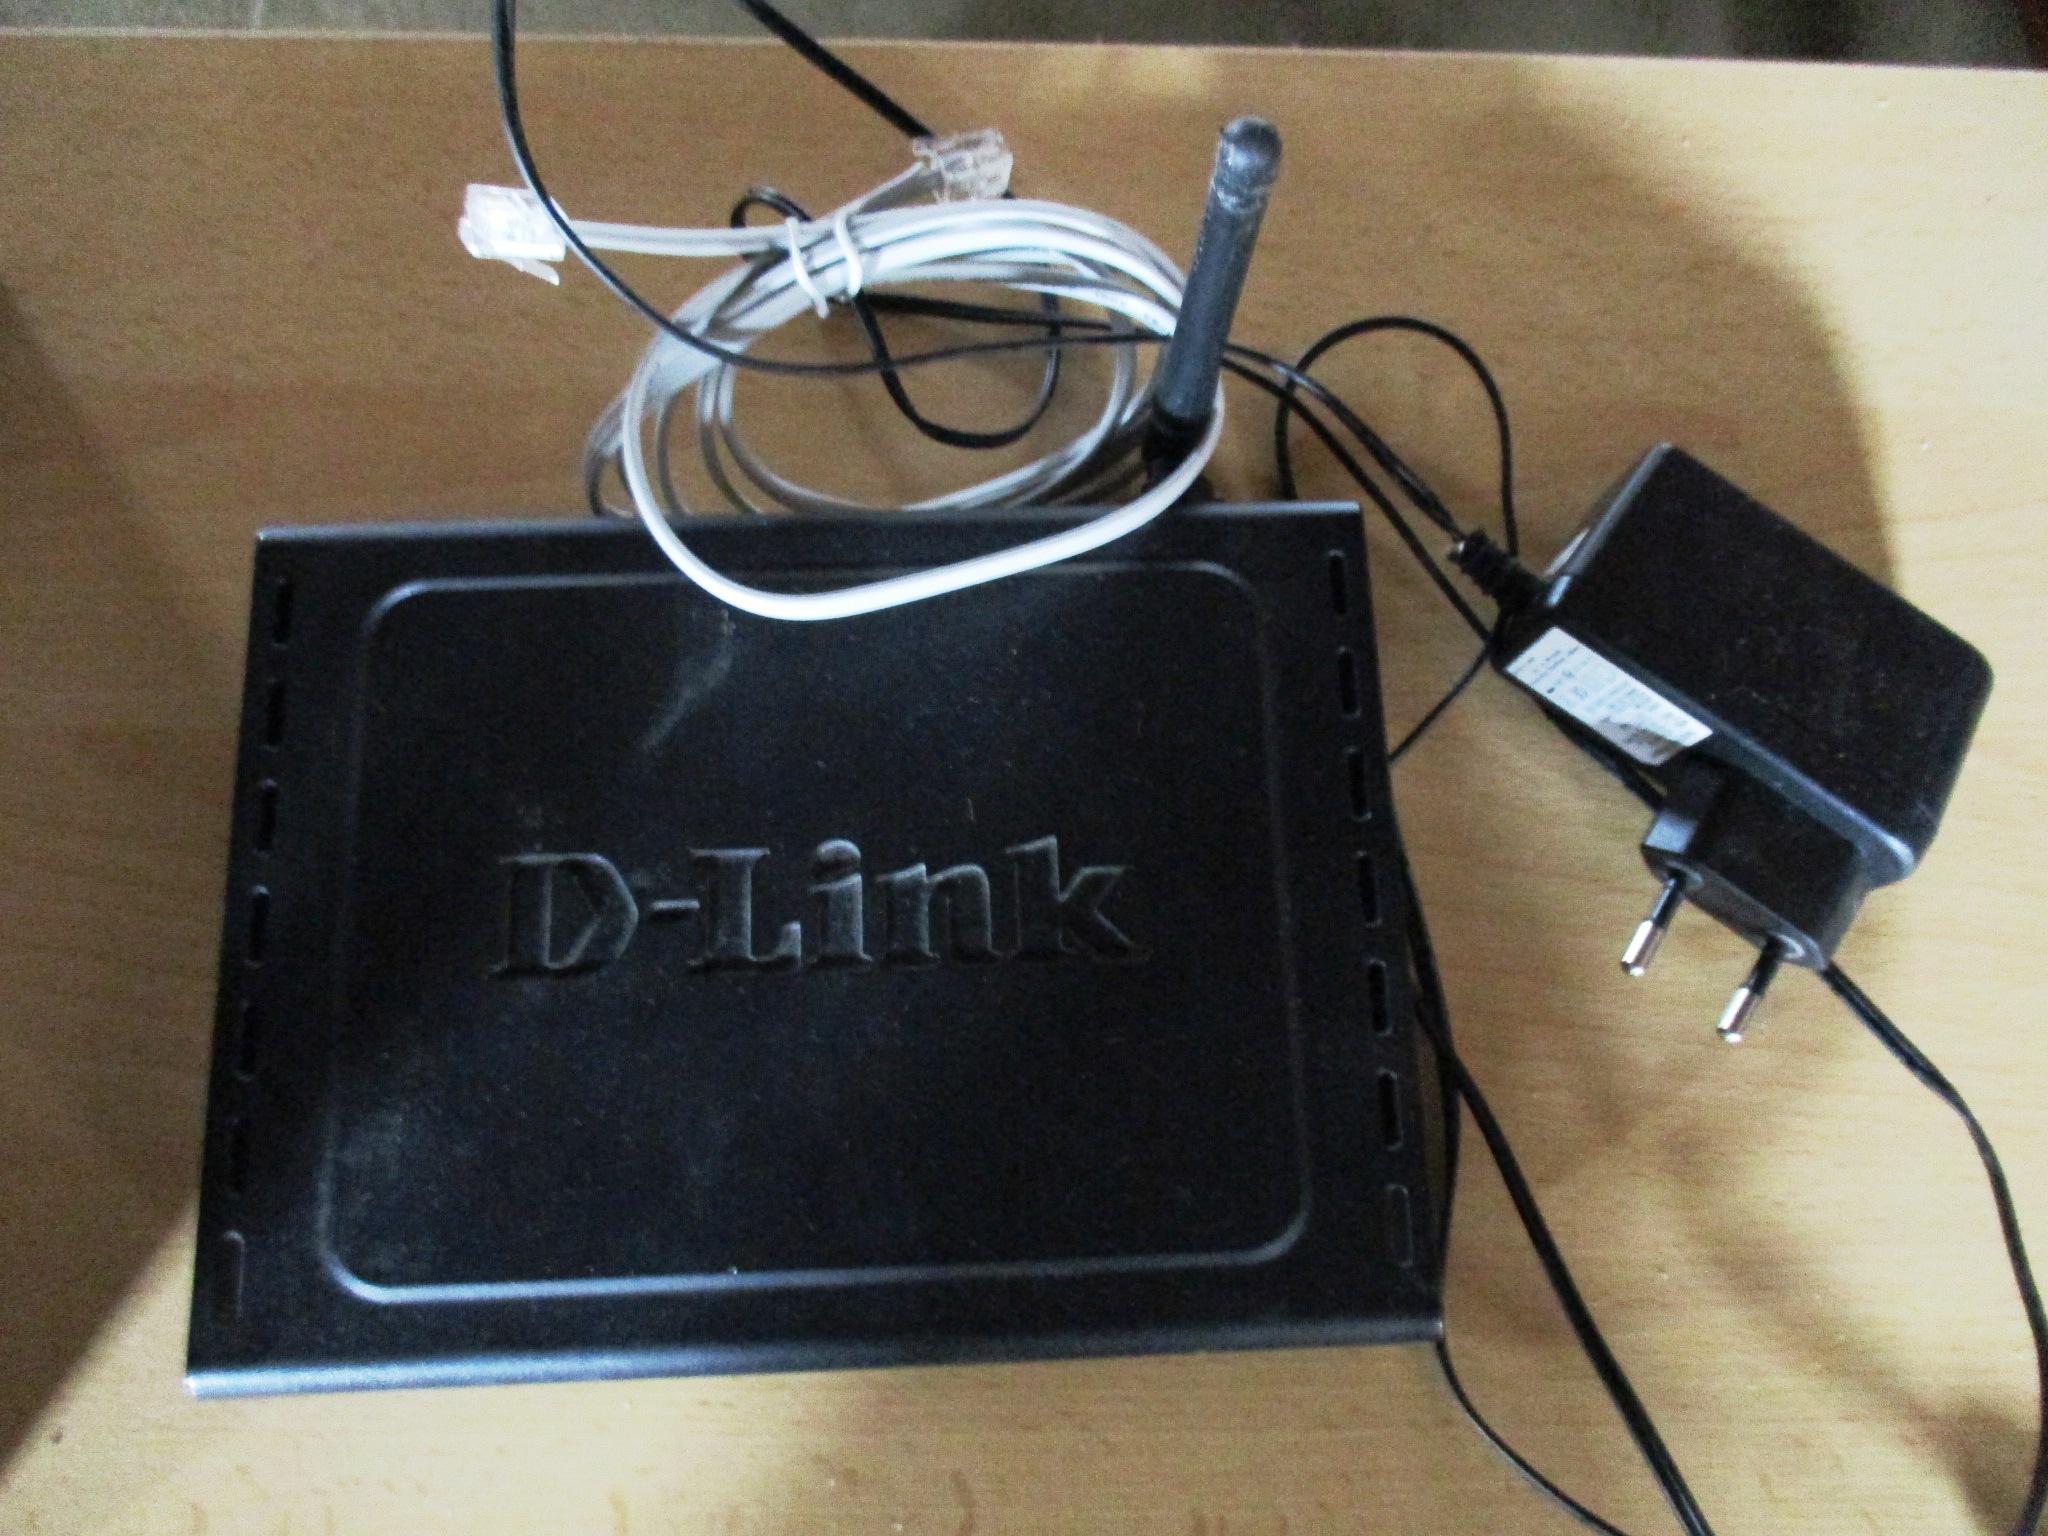 Роутер D-link, чорного кольору, с/н PJ1A198017845 із зарядним пристроєм та кабелем для підключення, б/к.